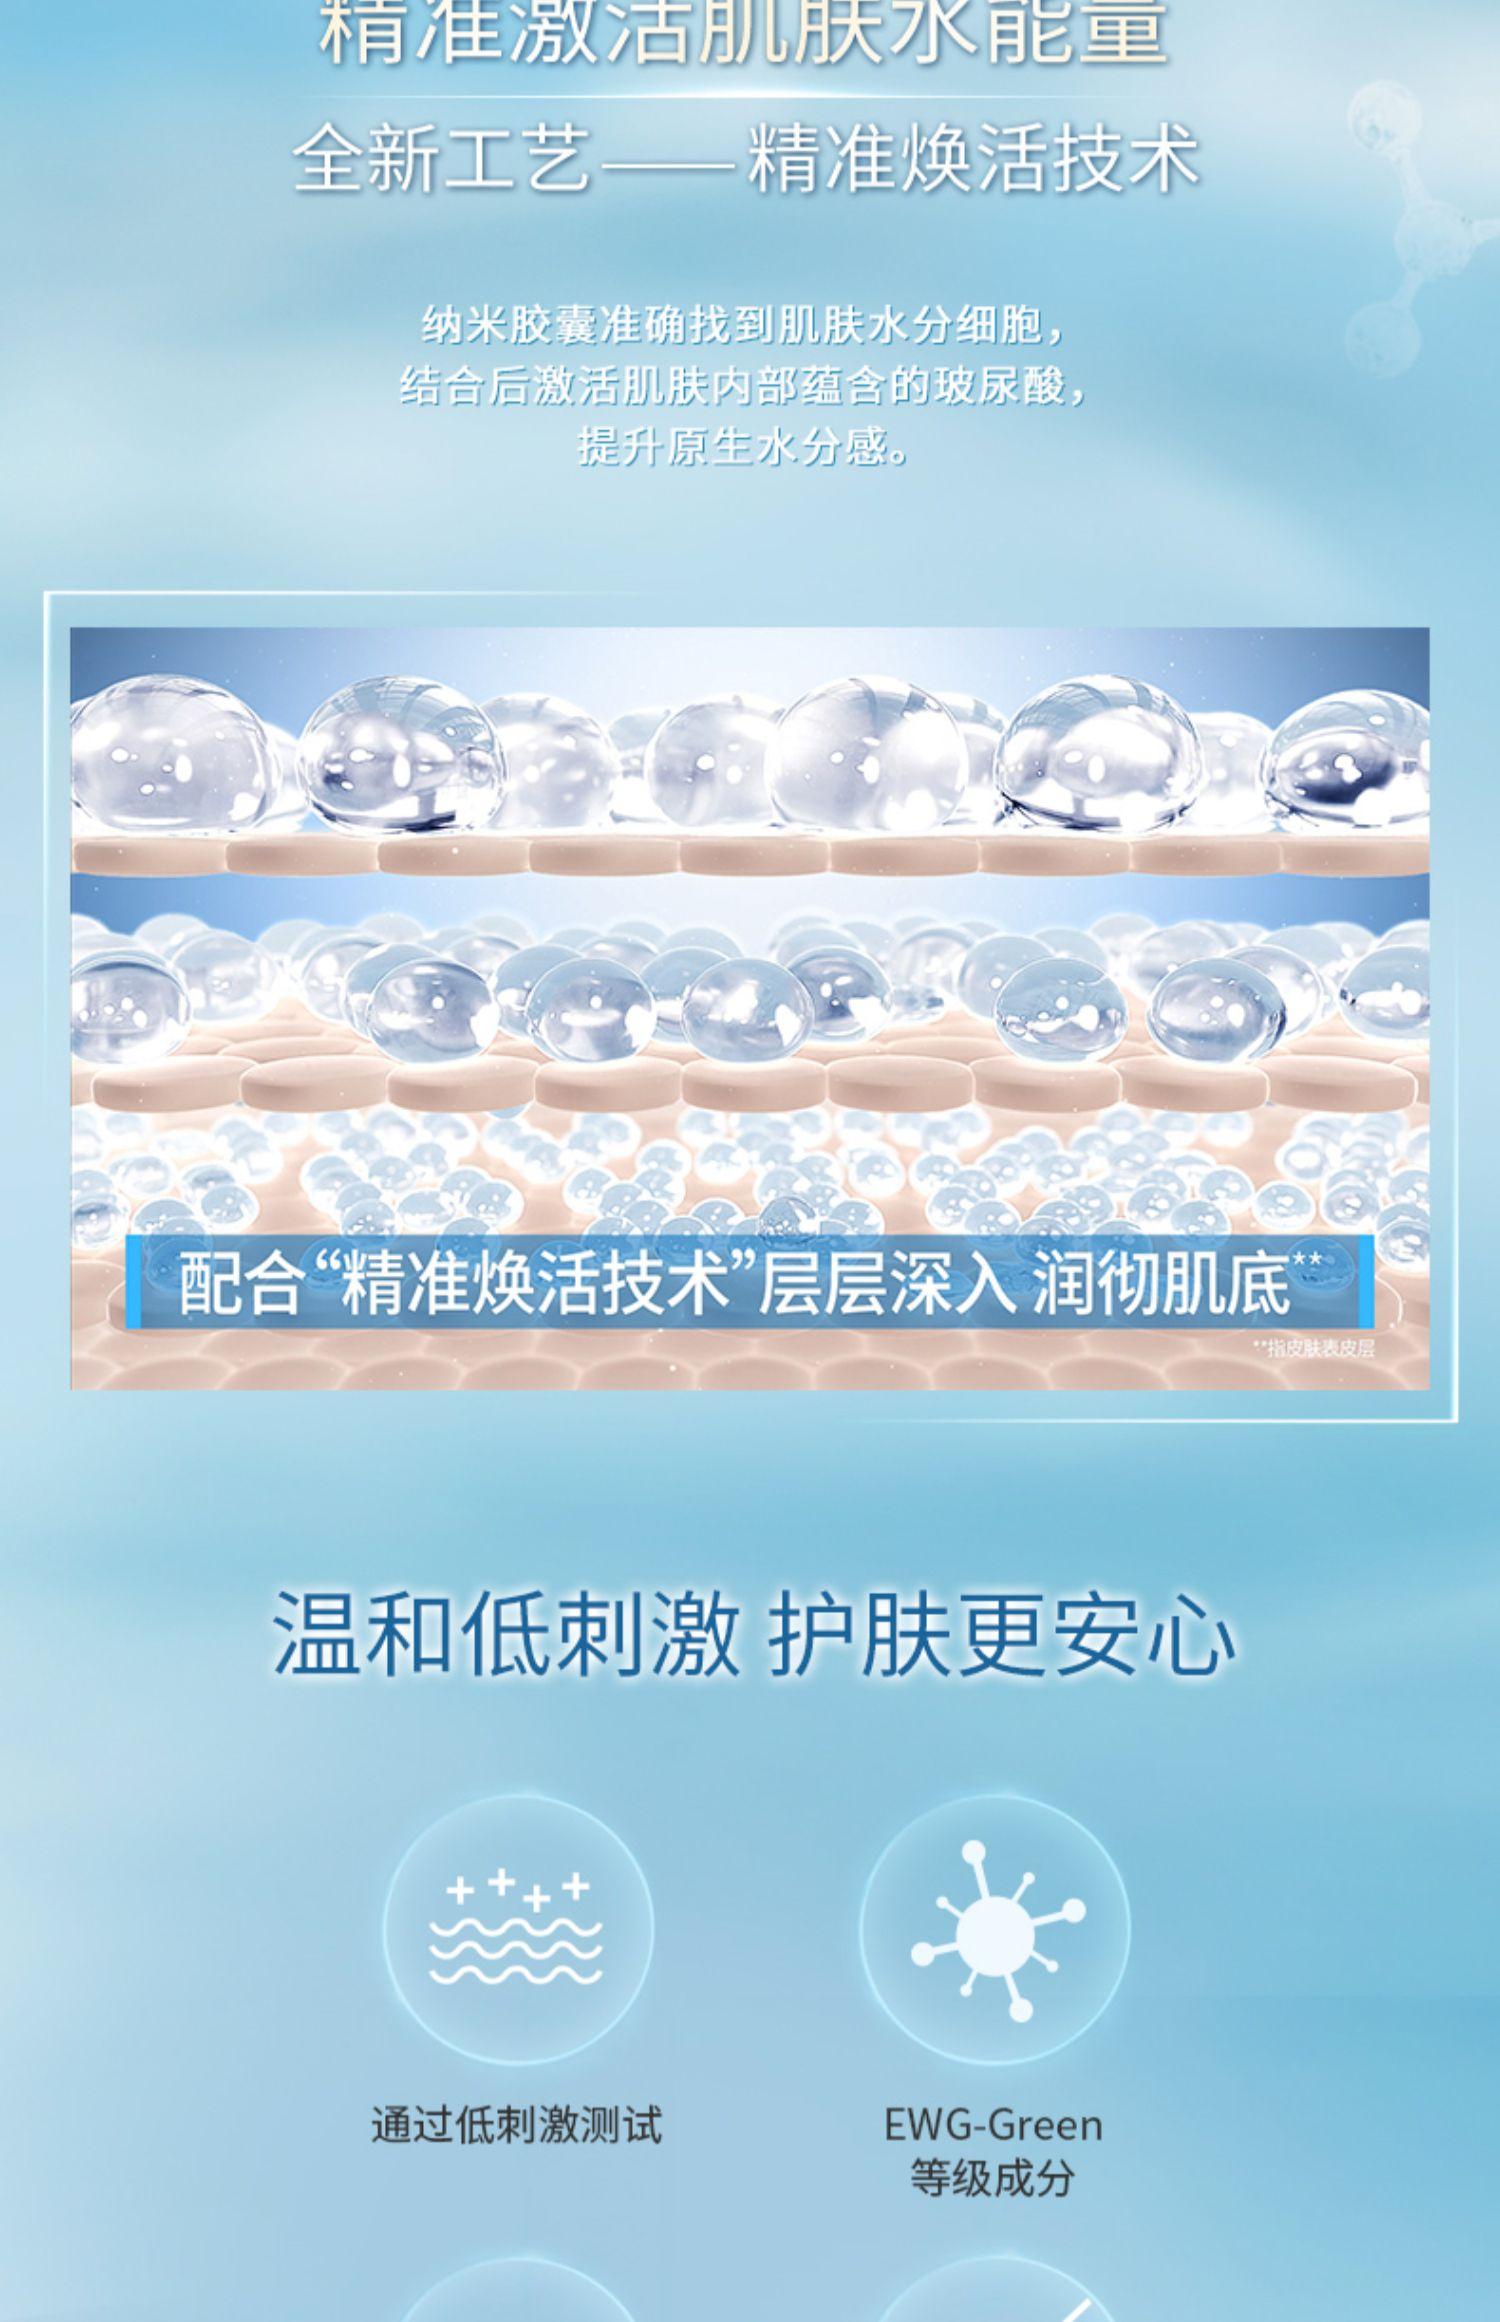 【AHC】小神仙水补水保湿水乳六套装